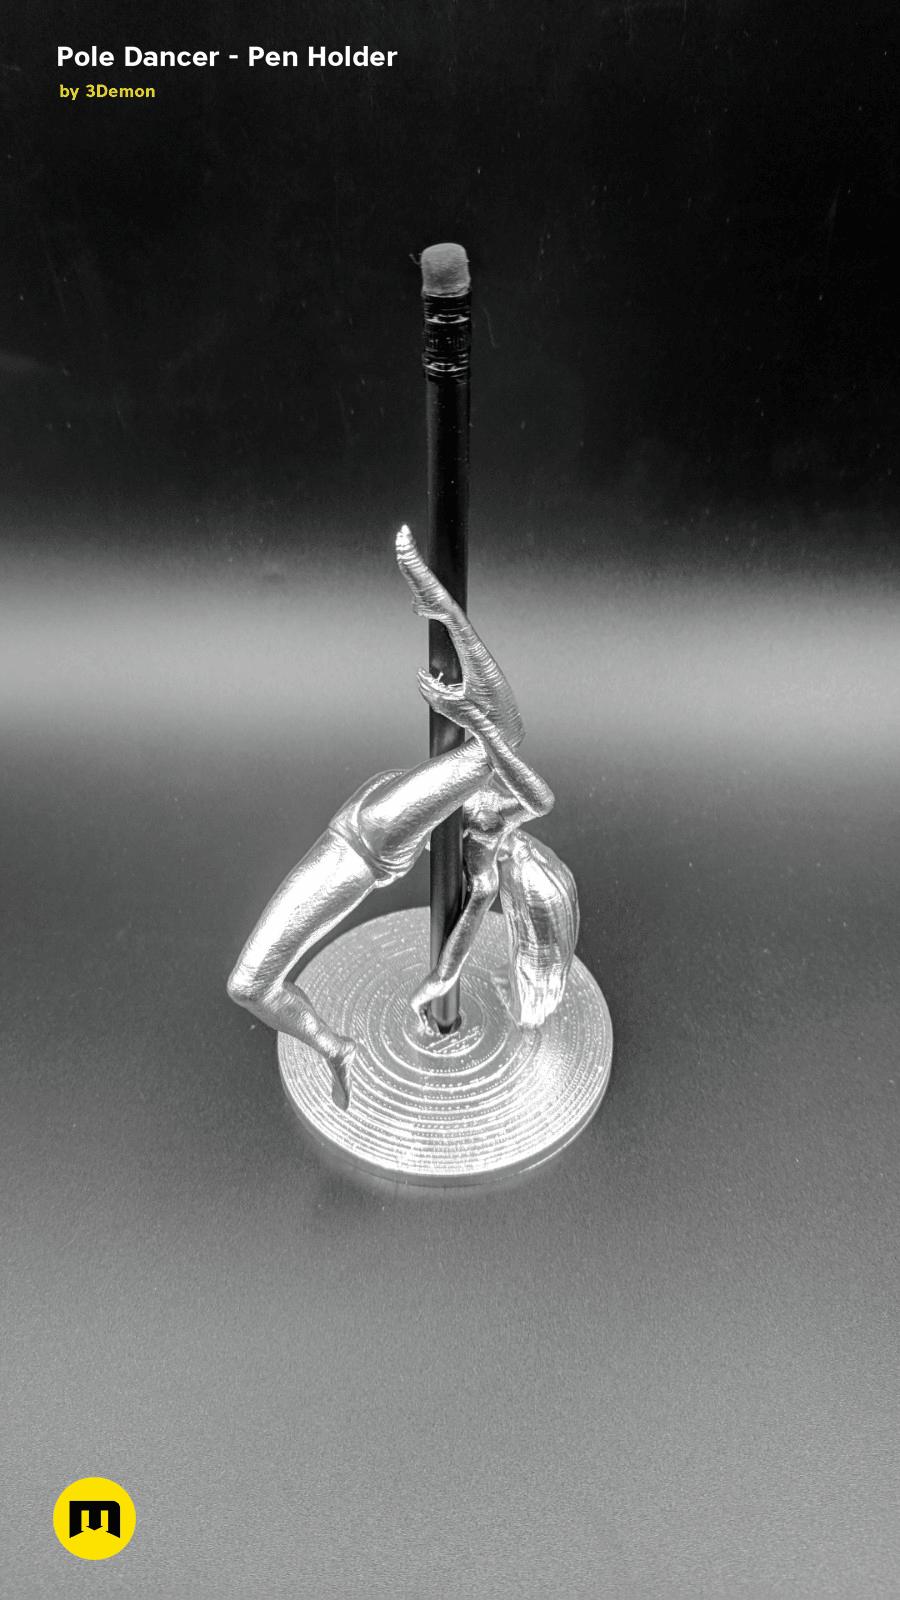 IMG_20190220_103211.png Download STL file Pole Dancer - Pen Holder • Object to 3D print, 3D-mon